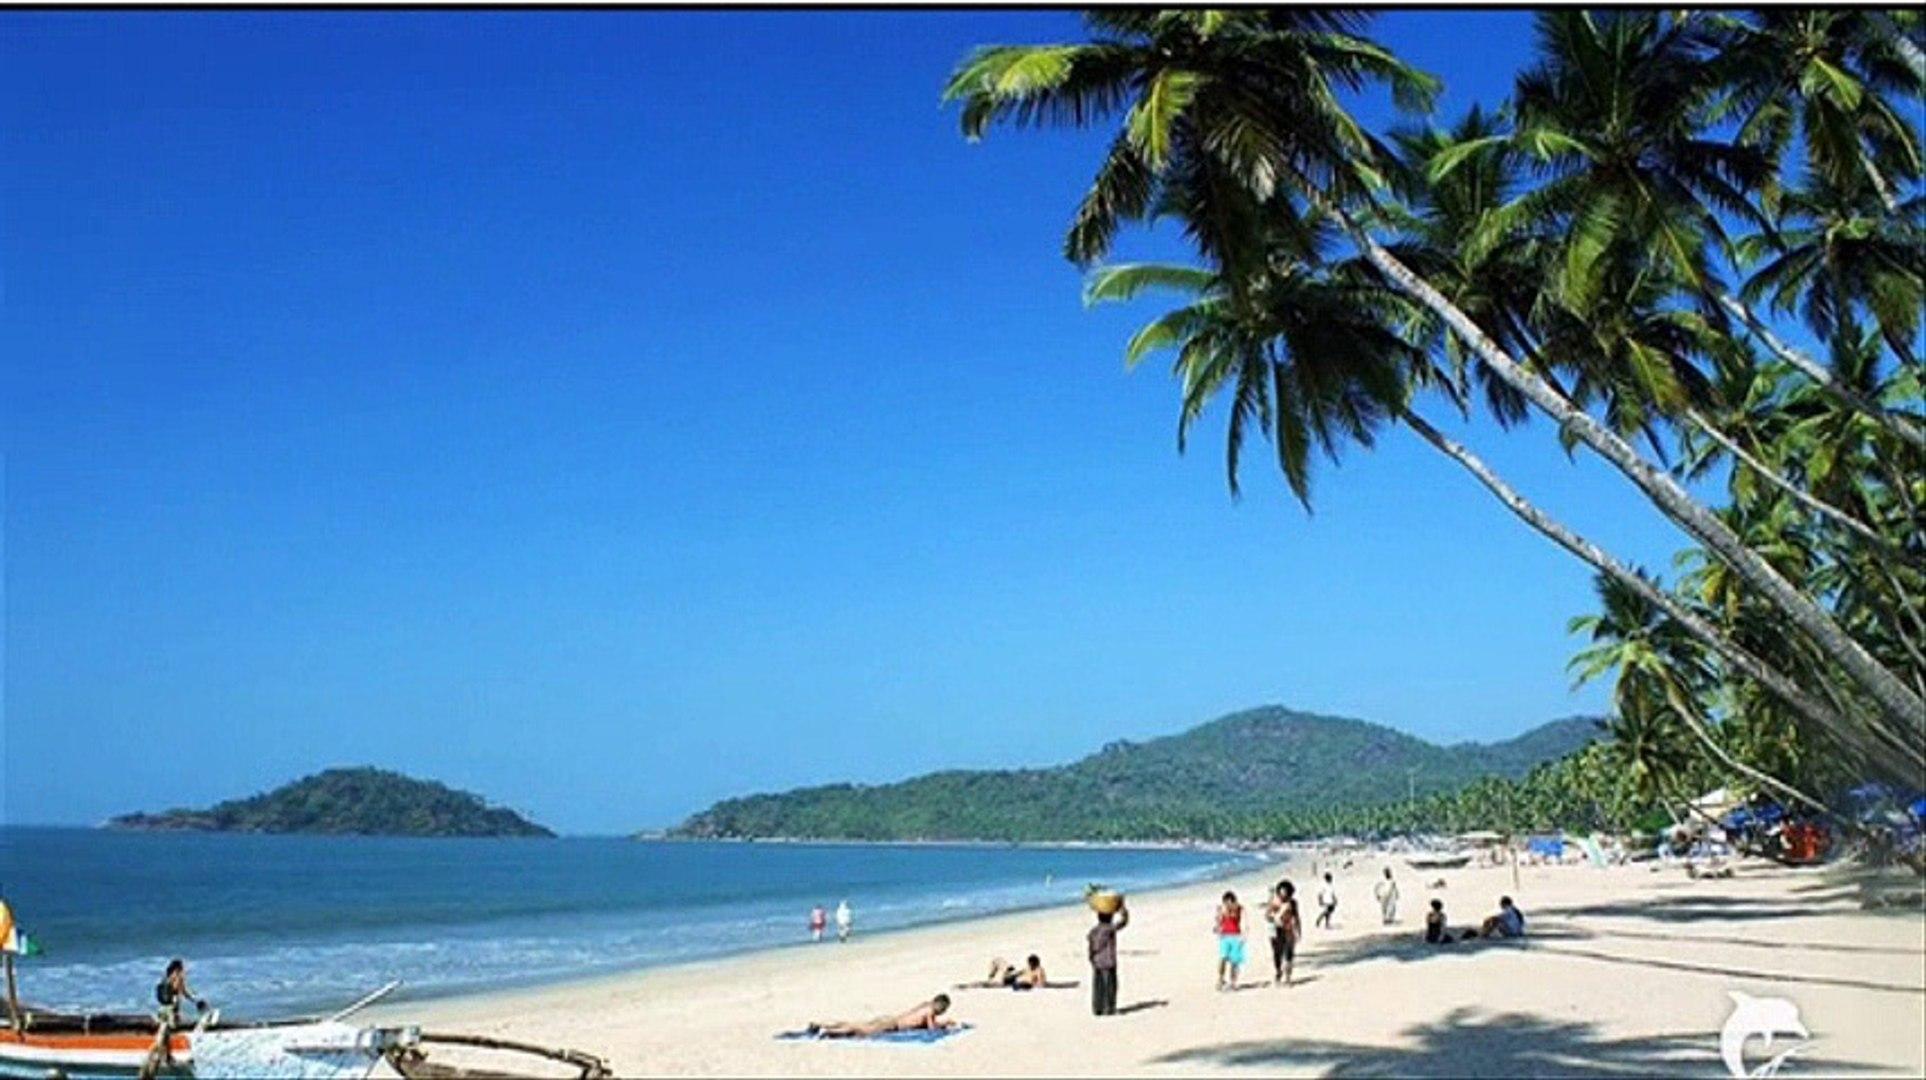 Calangute Beach - Goa, India